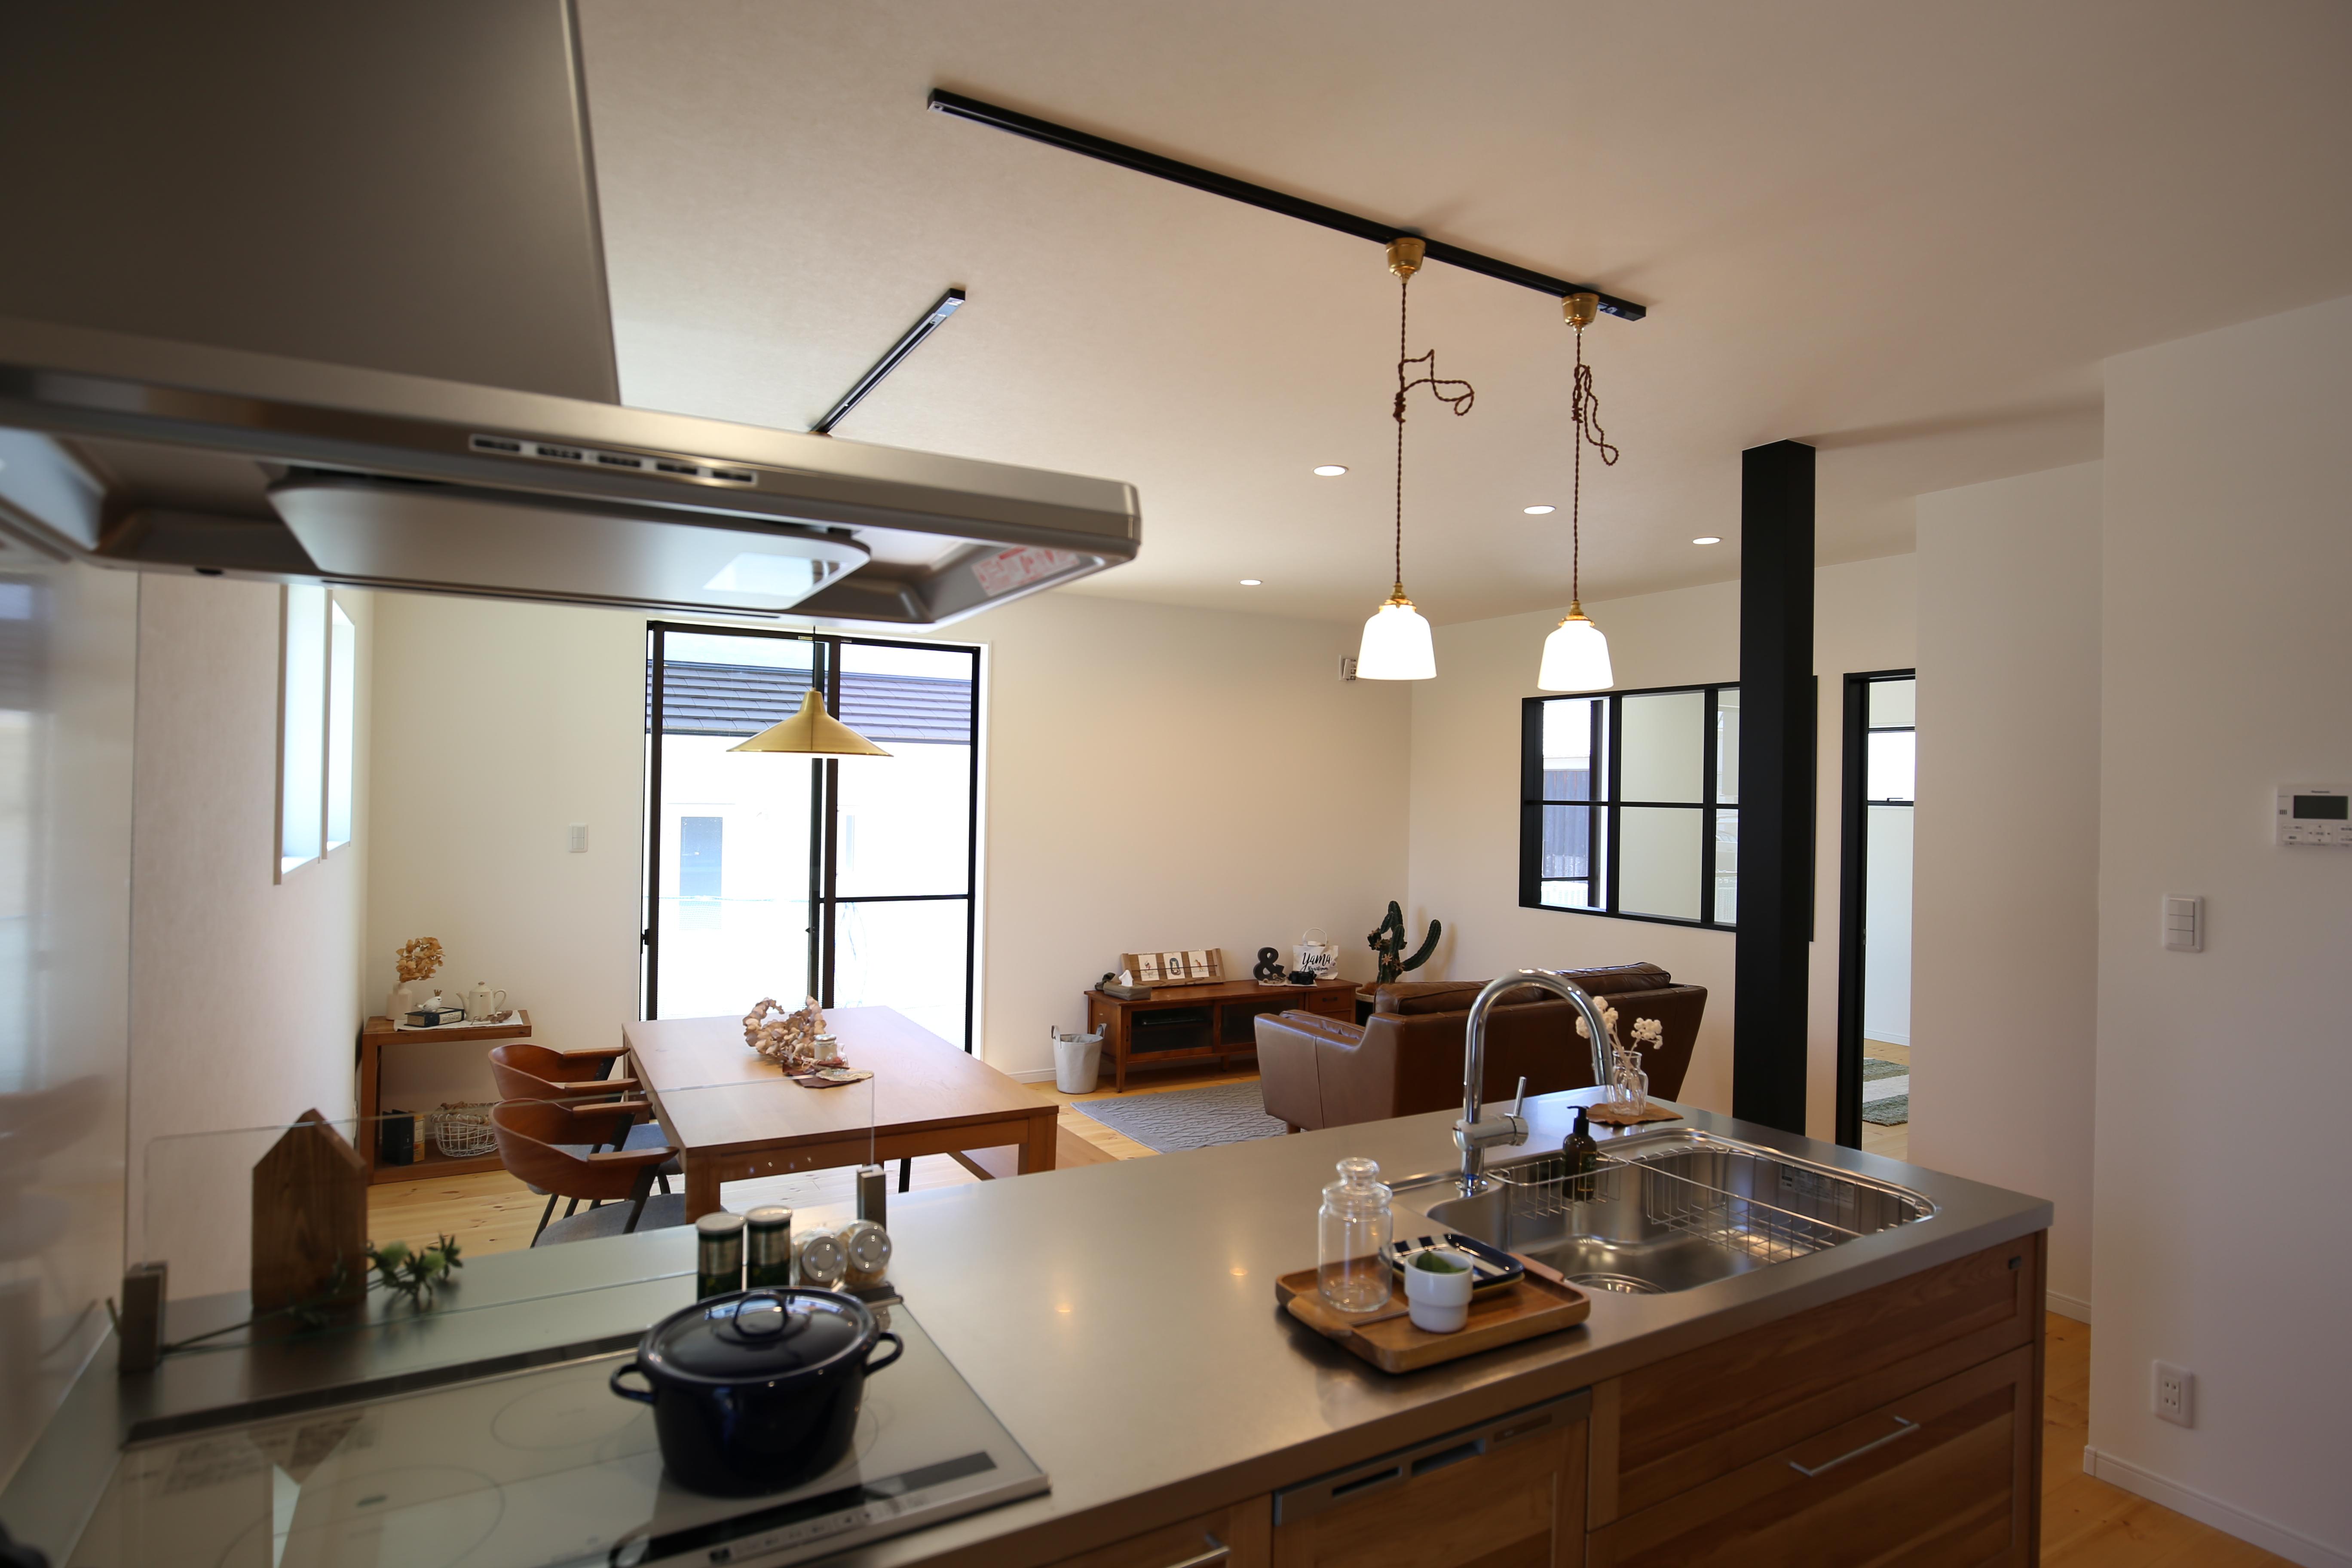 シンプルな空間に+αの色… ずっと好きでいられるお家